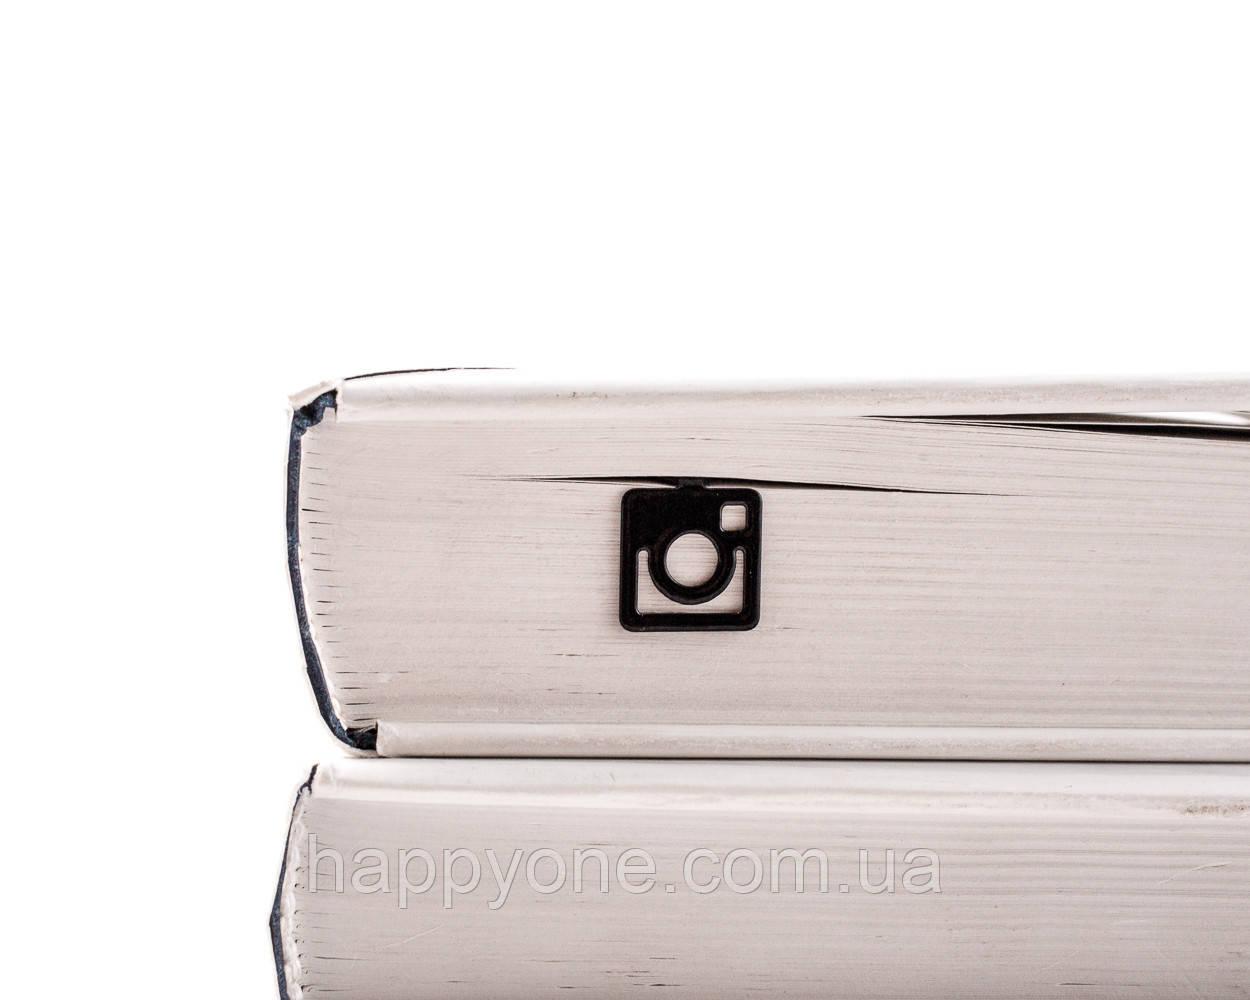 Закладка для книг Лого Instagram